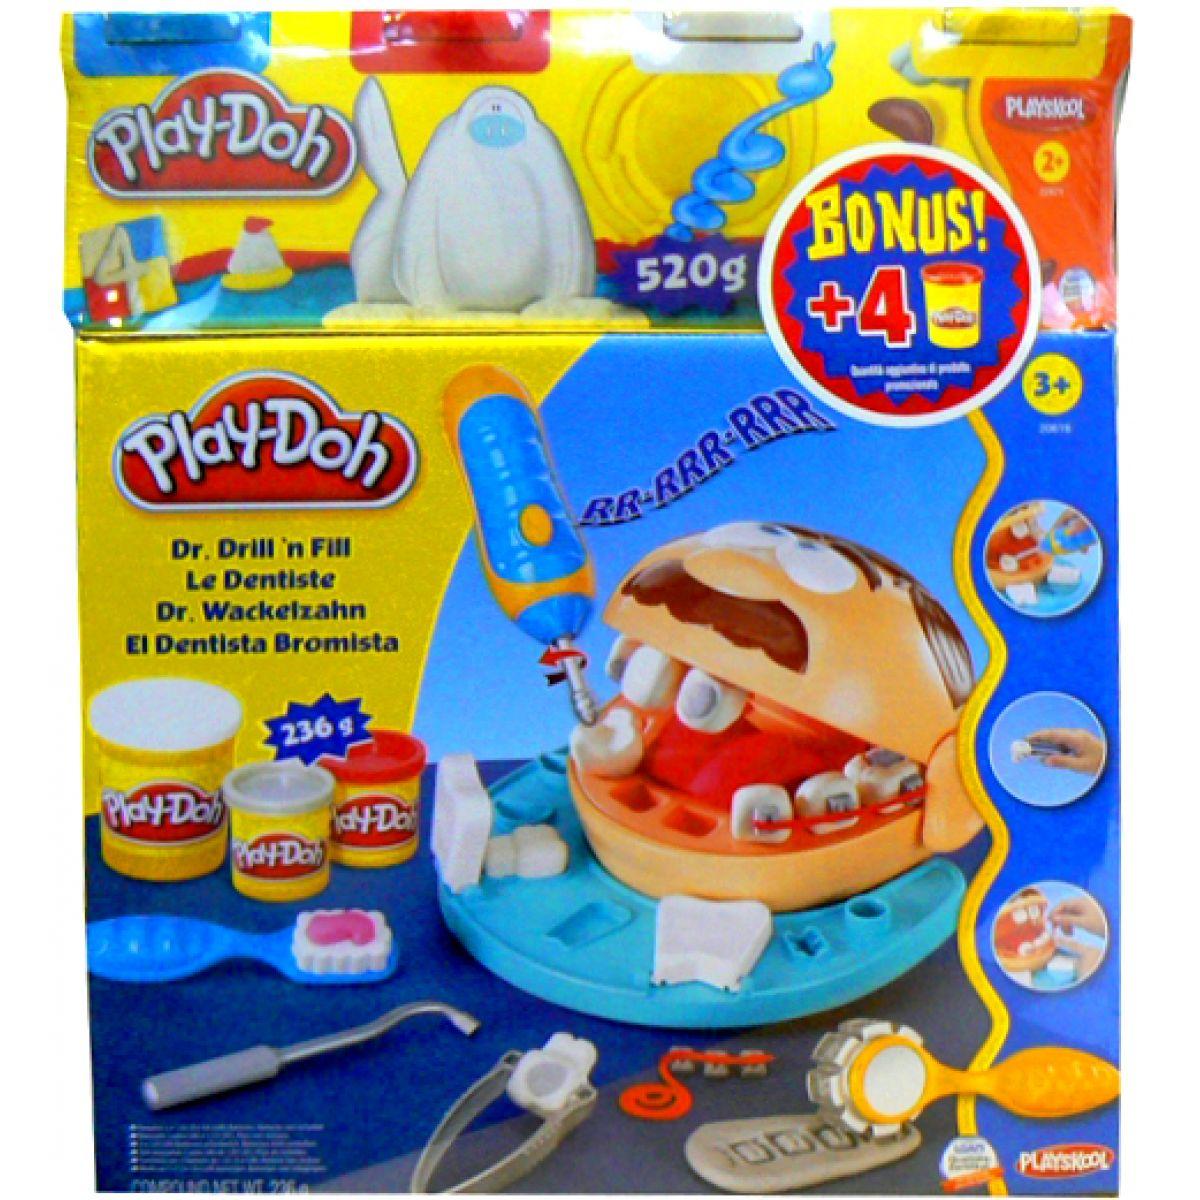 Play-Doh Zubař + BONUS 4 KELÍMKY ZDARMA